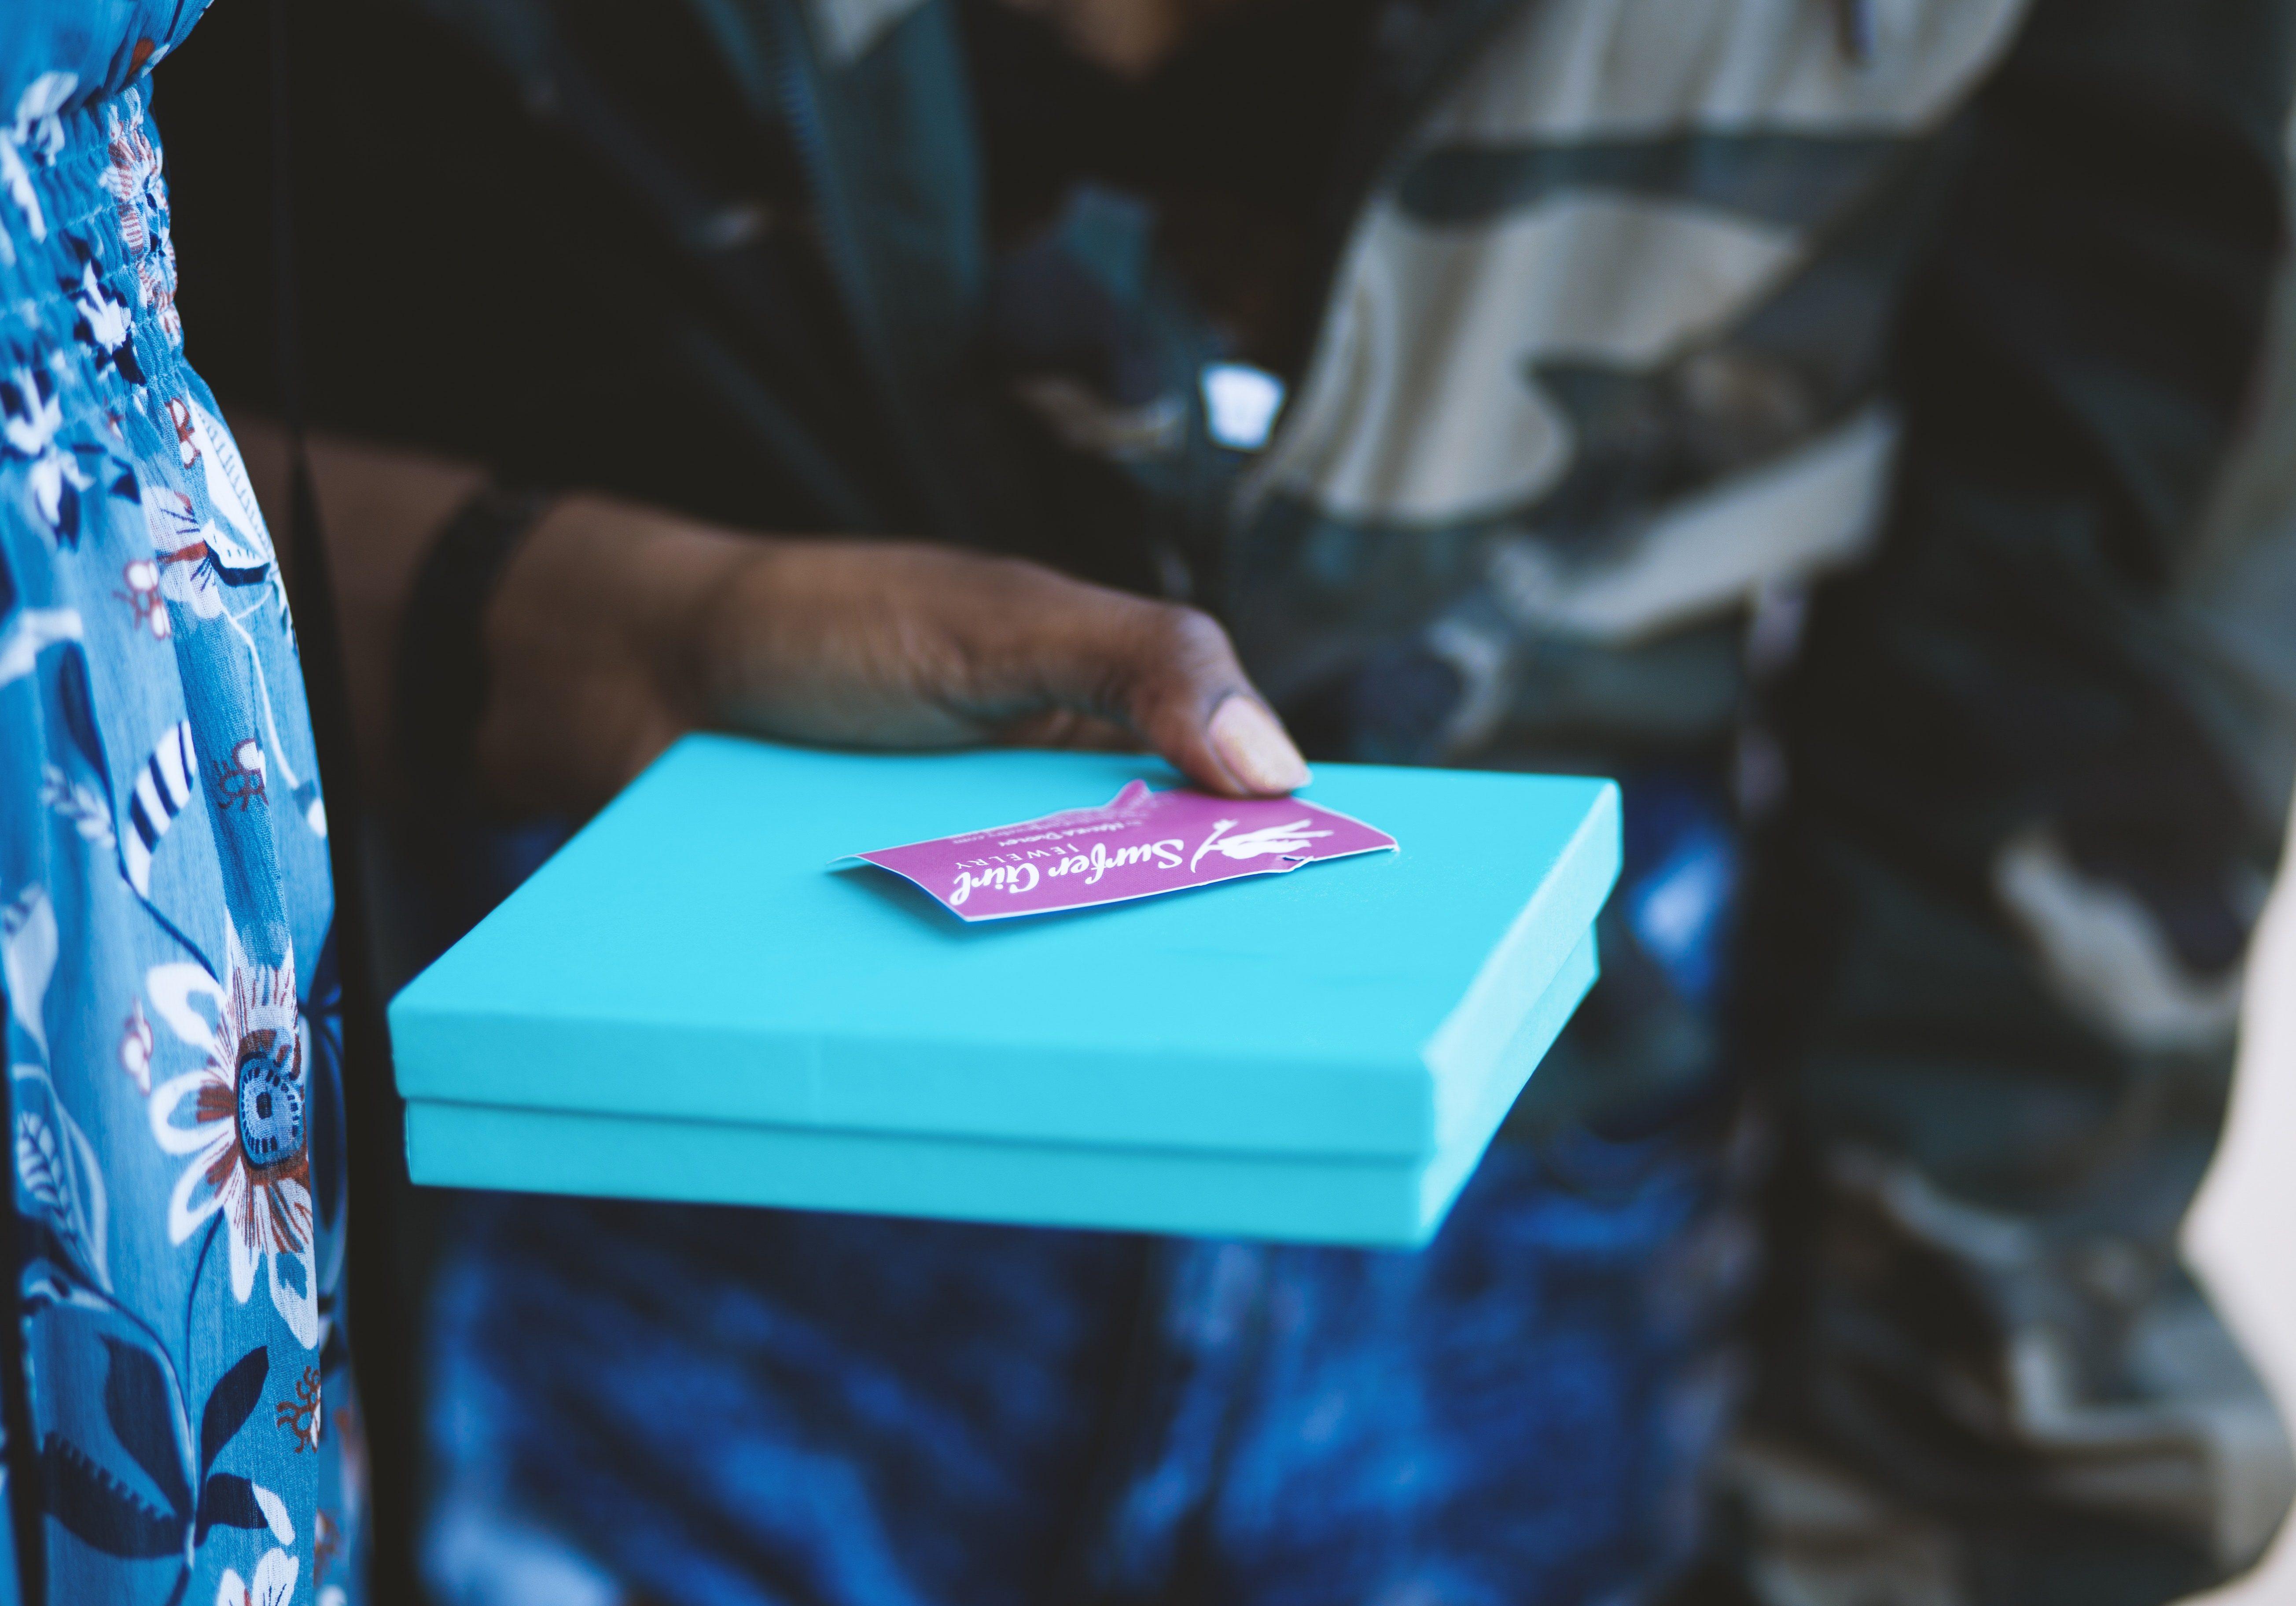 blue-box-card-1229180